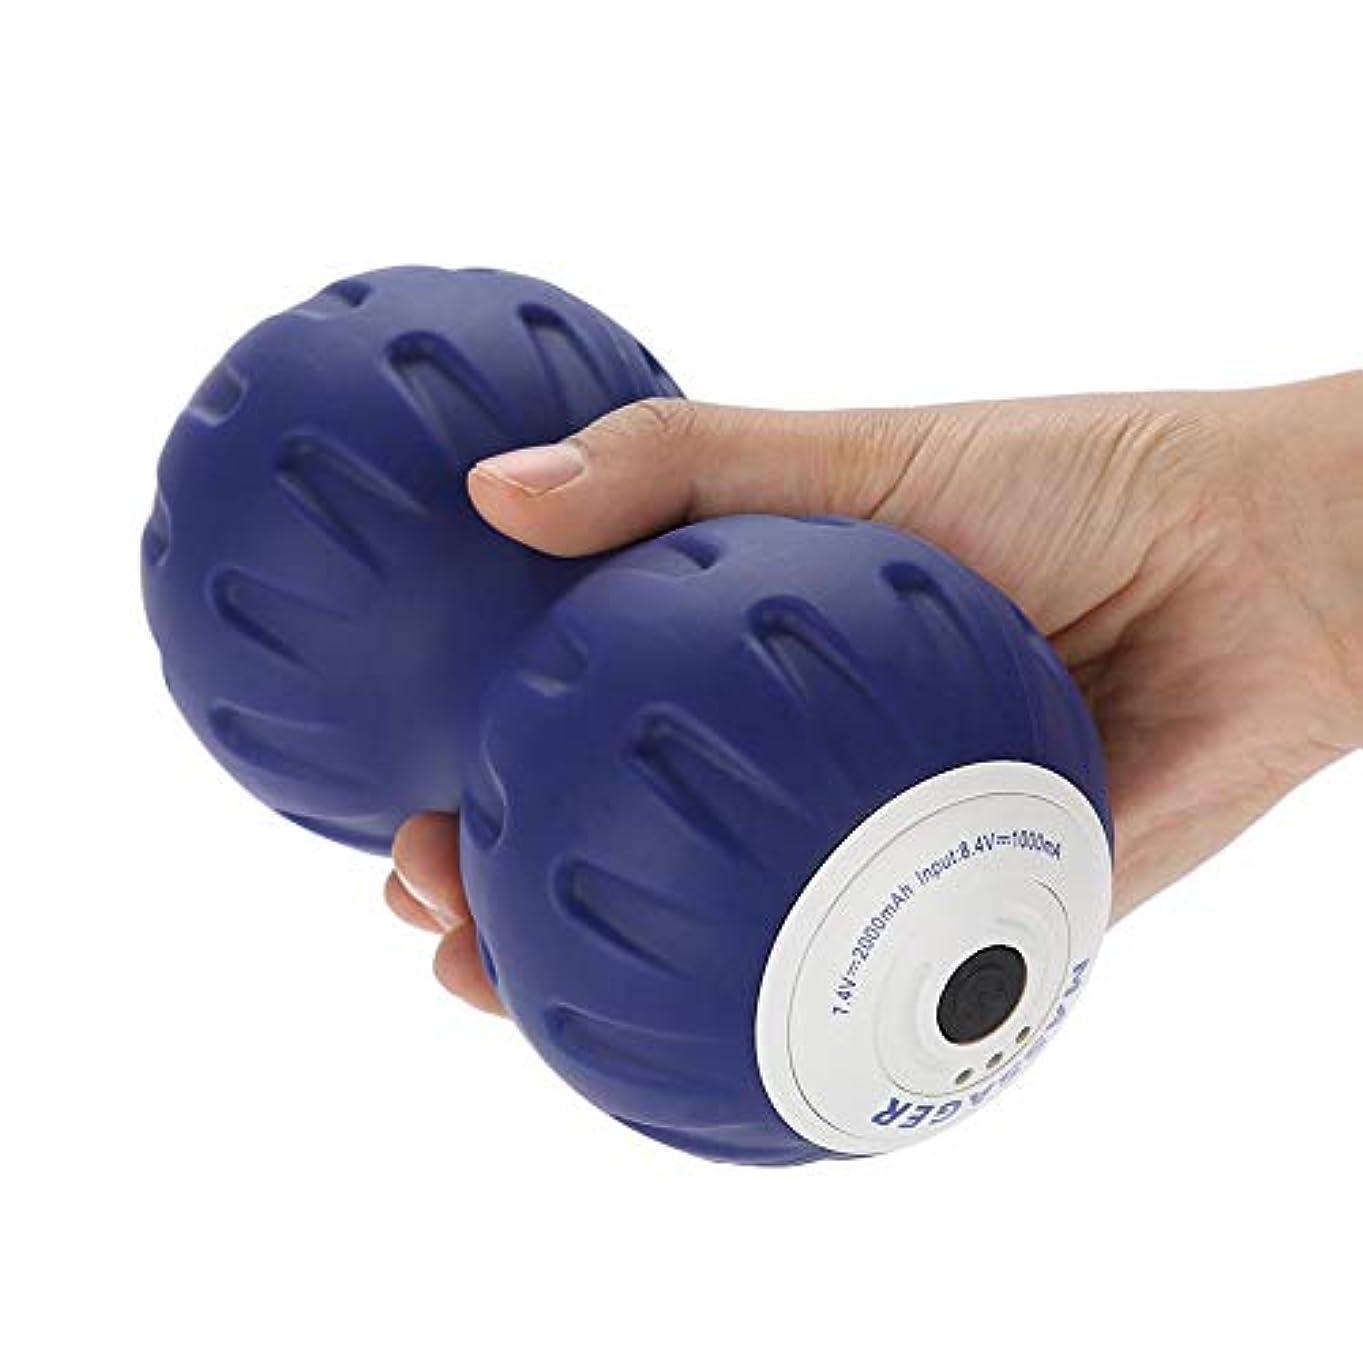 れるジョリーバーチャルピーナッツ マッサージボール 筋膜 マッサージローラー ピラティスヨガ枕筋肉 リラックスリリース フィットネス(02)